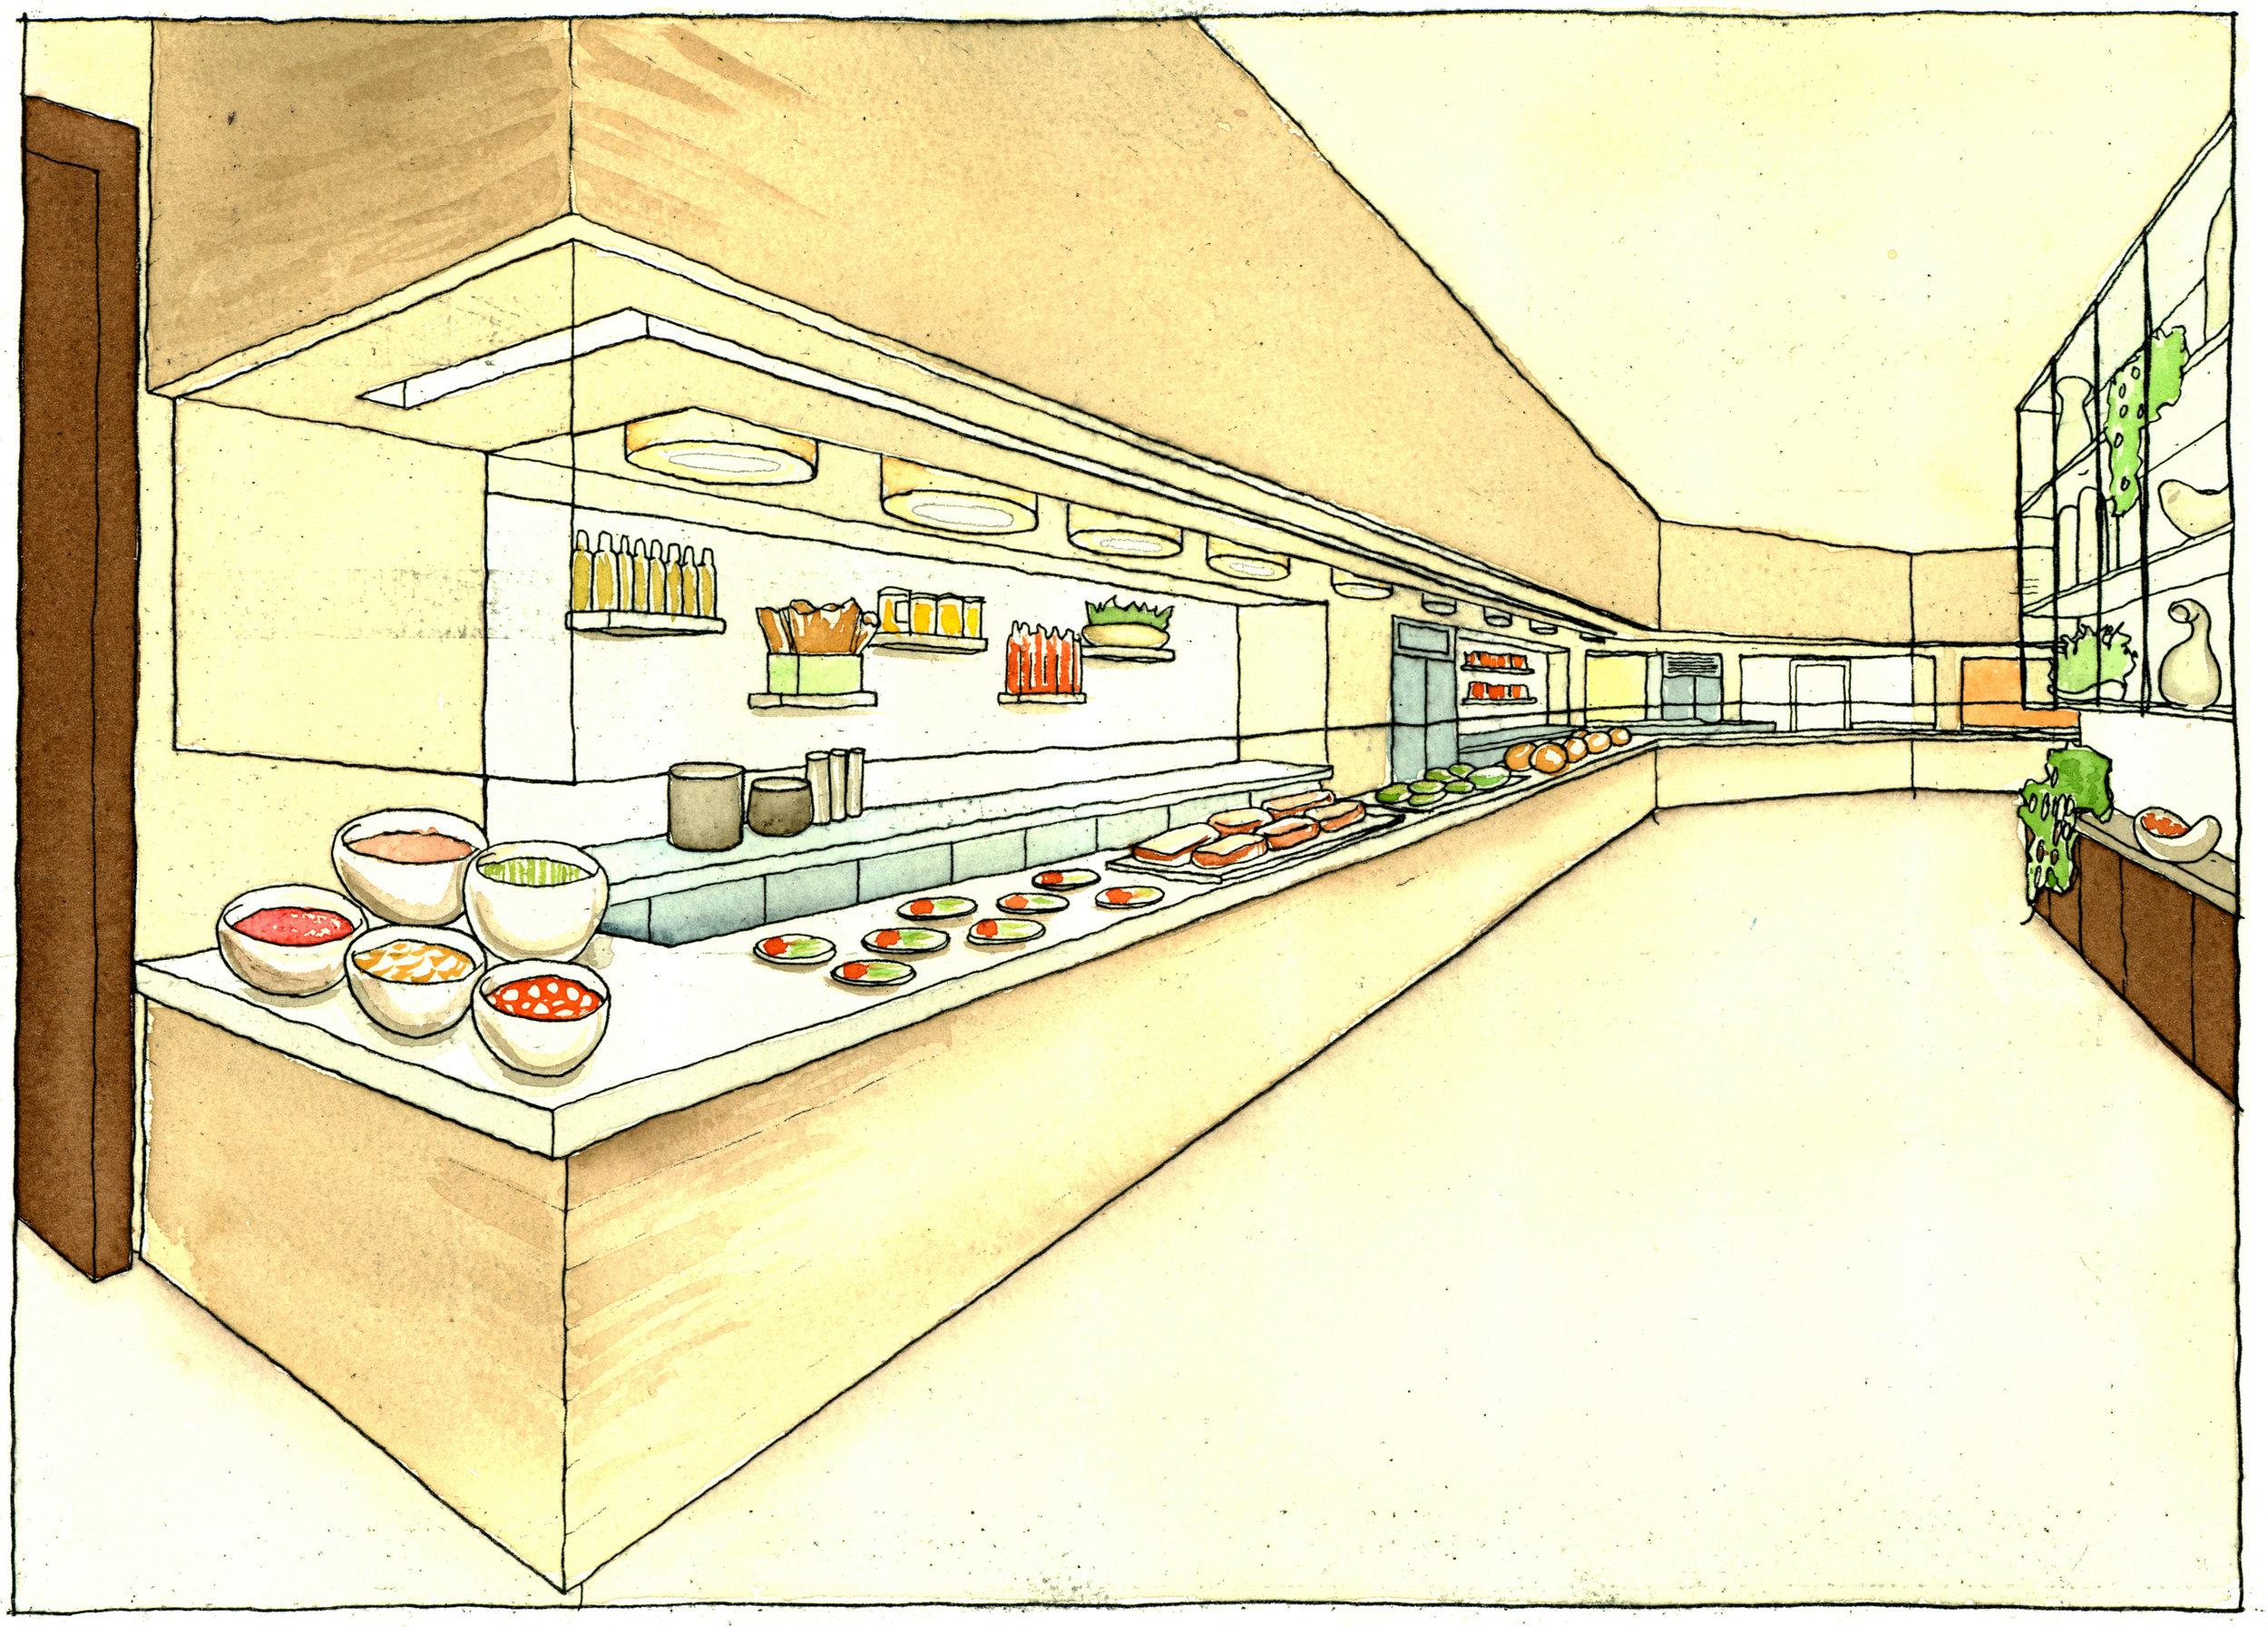 Buffet line 10-25-16.jpg